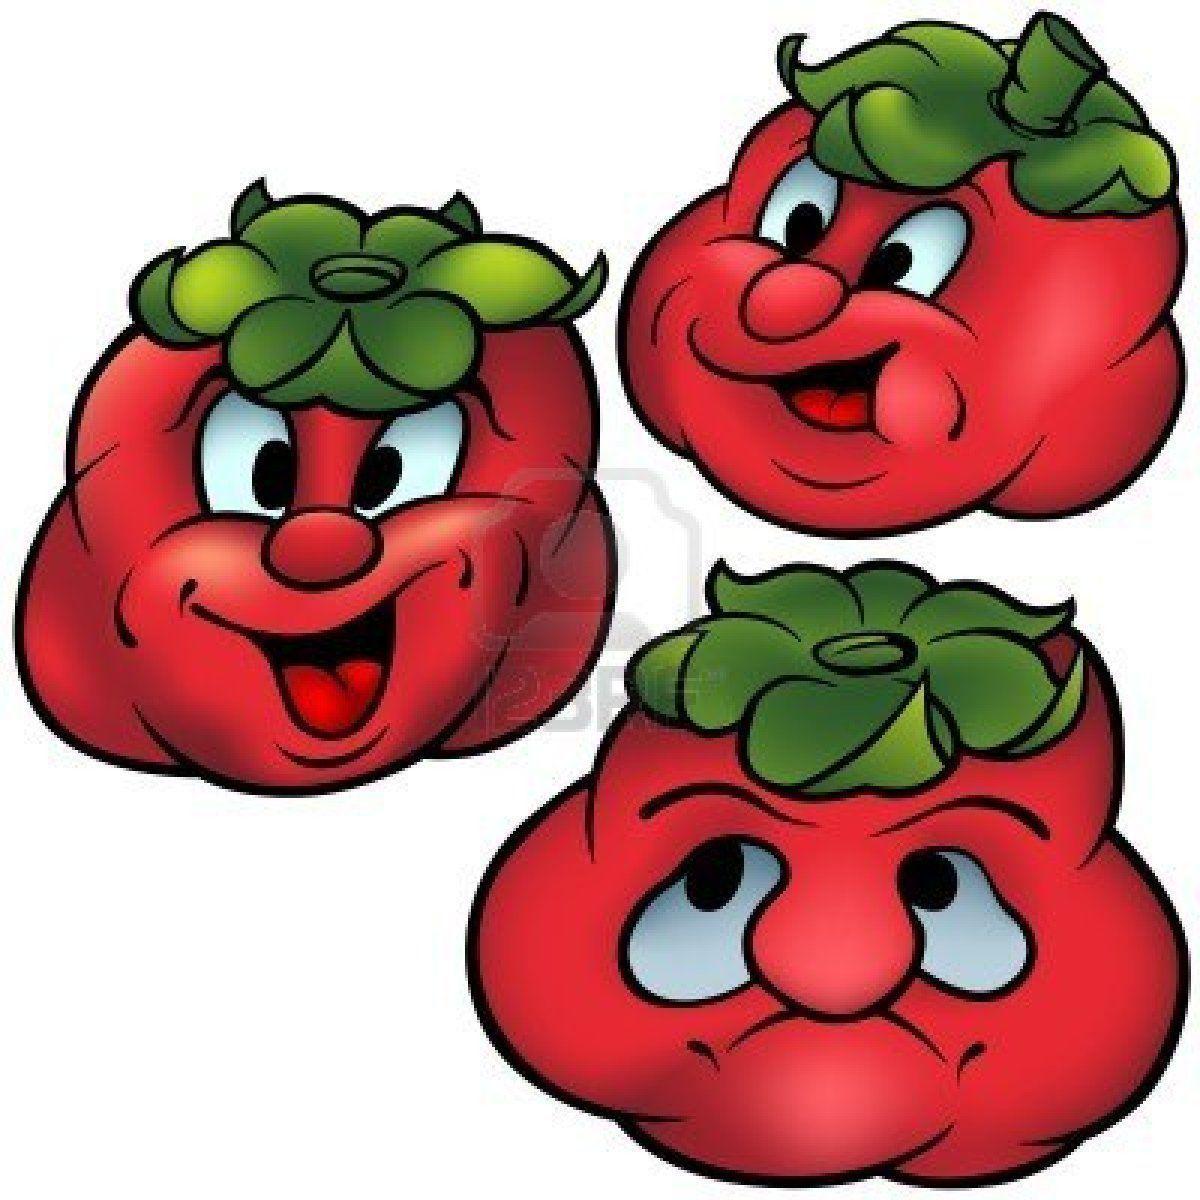 Belles tomates du net merci - Tomate dessin ...